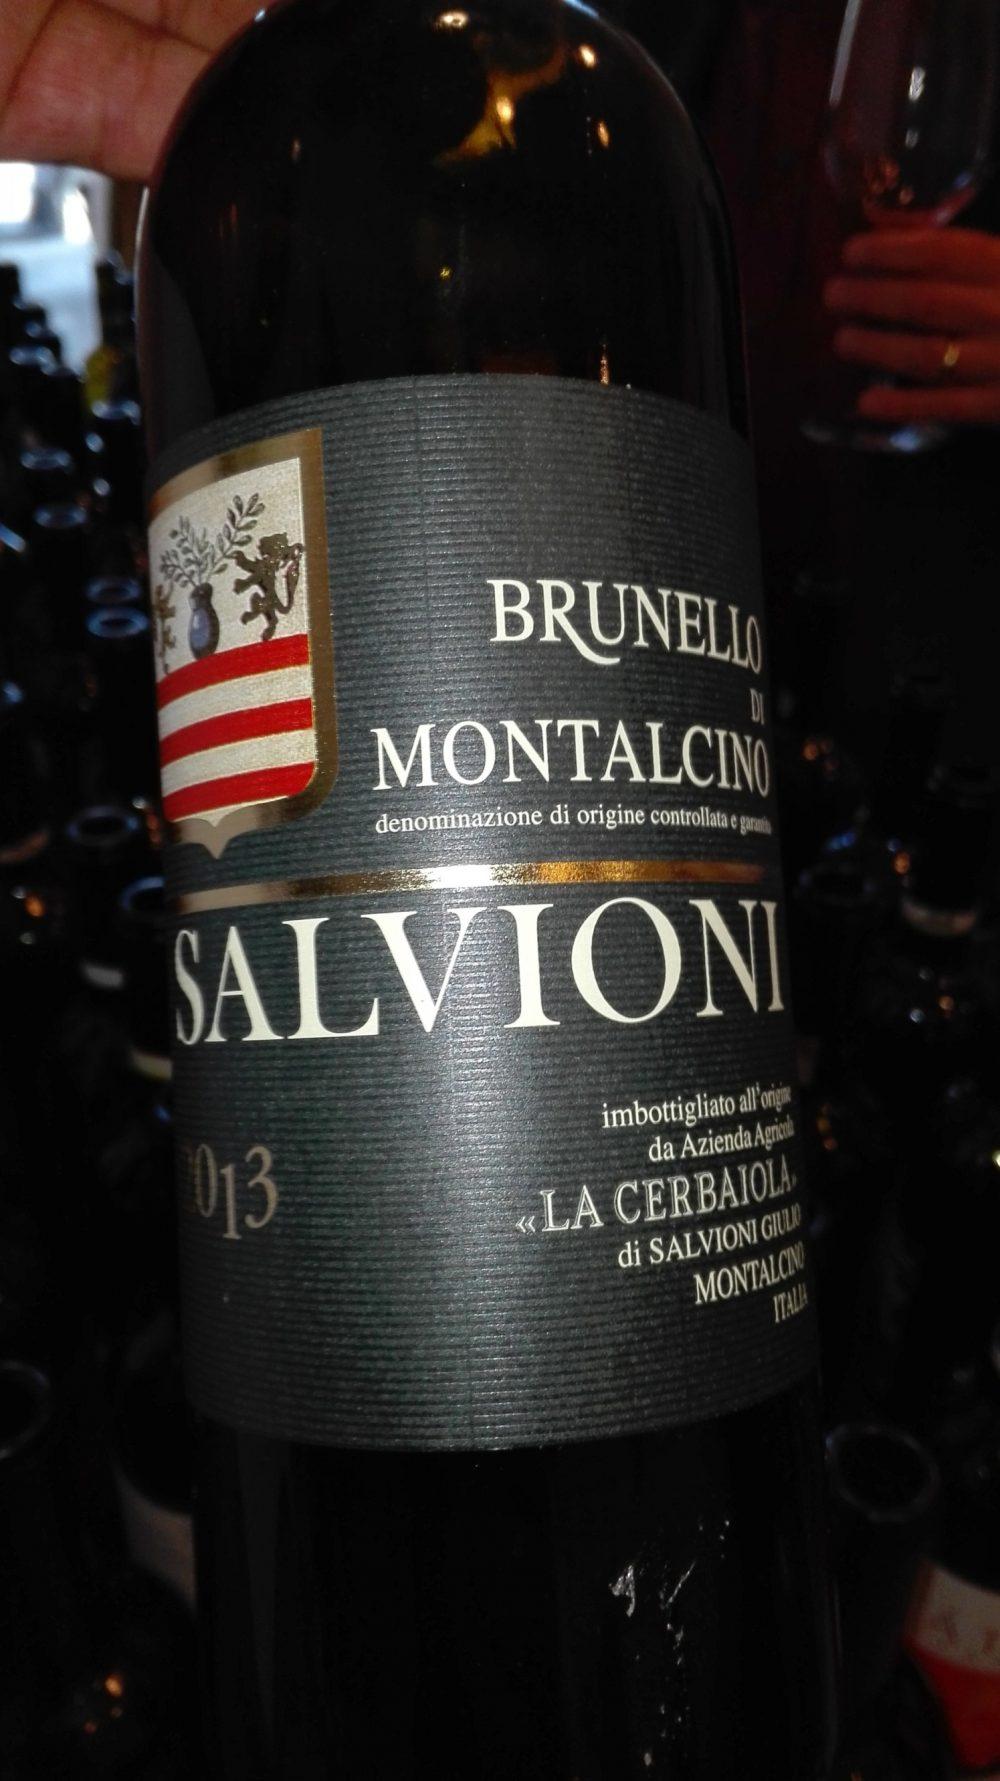 Brunello di Montalcino 2013 Vs 2012 - Salvioni